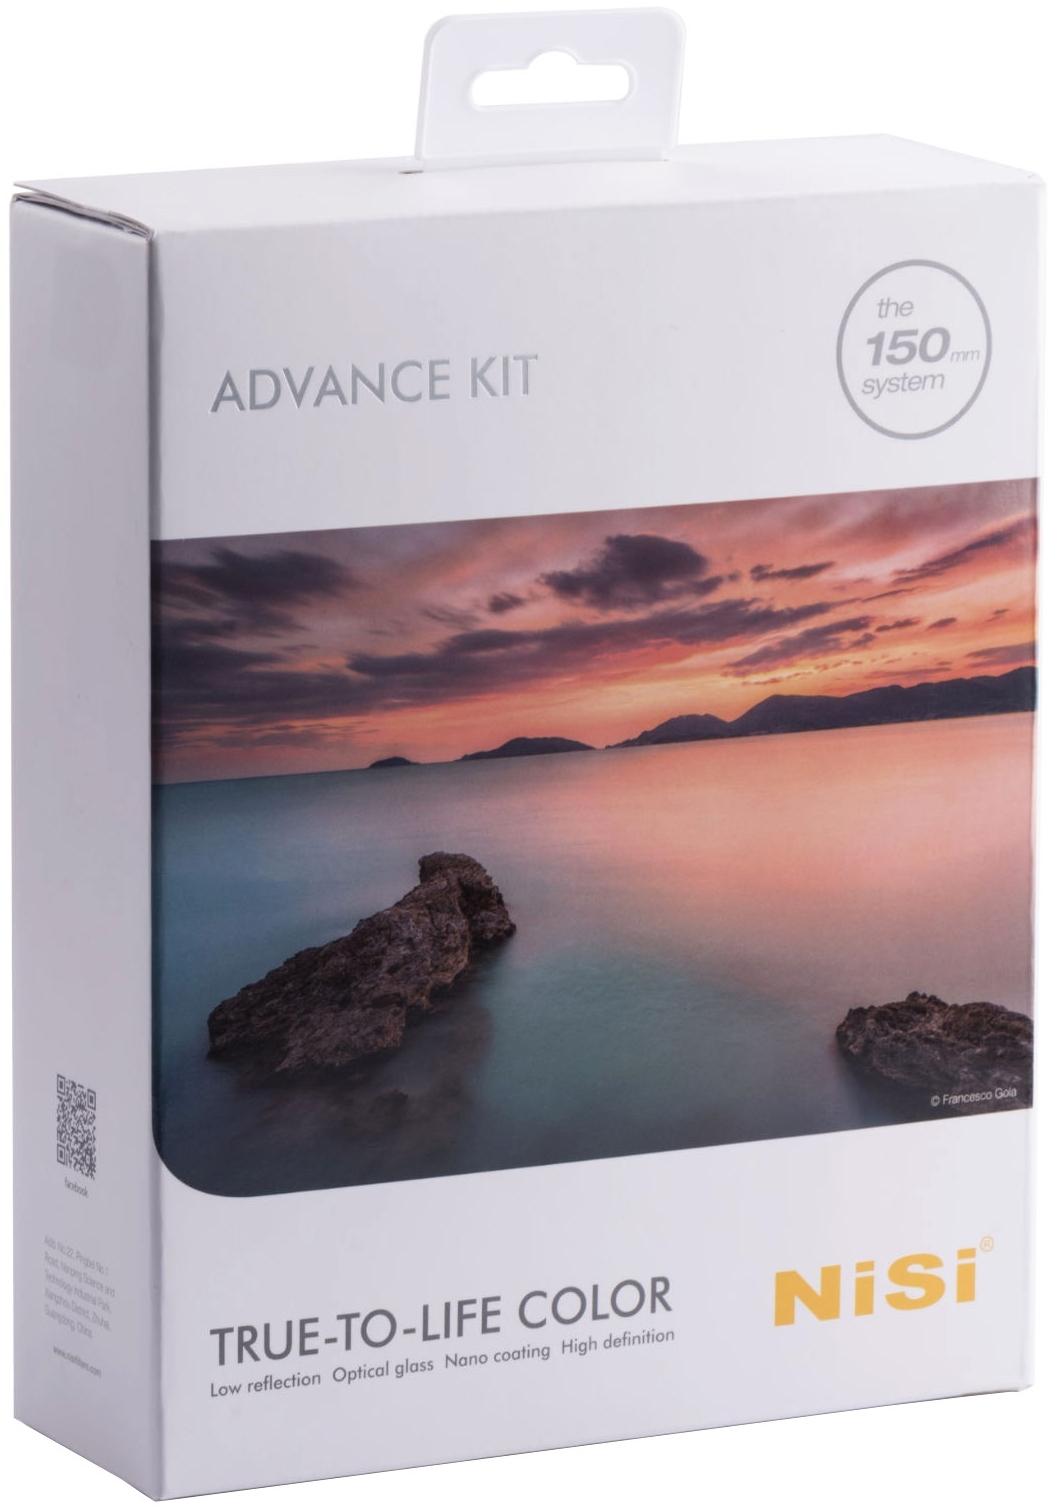 NISI sada filtrů Advance Kit pro 150 mm systém